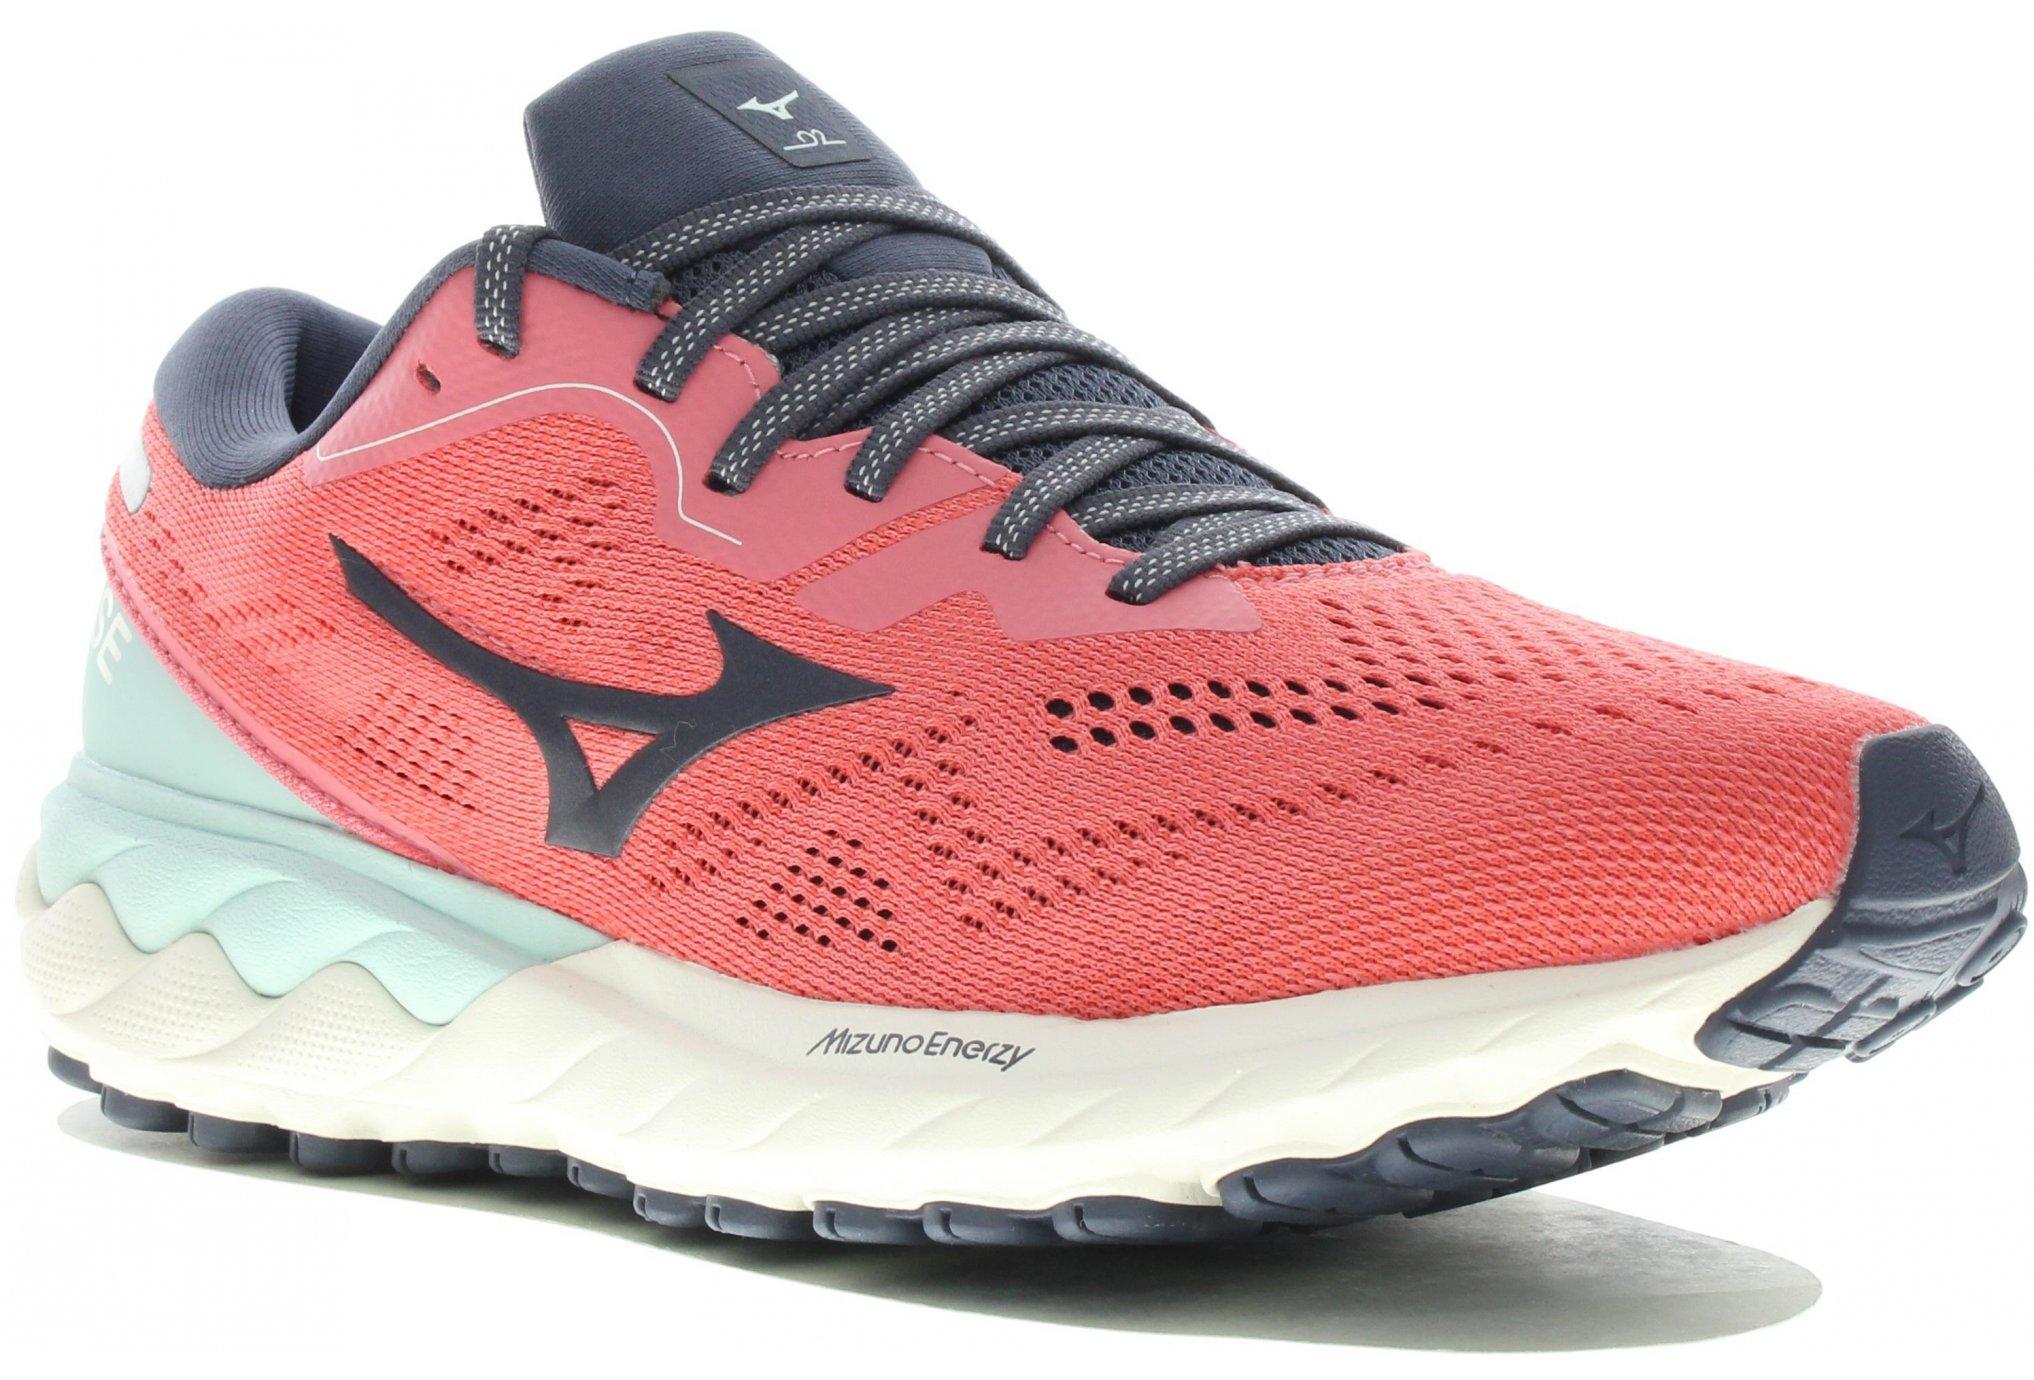 Mizuno Wave Skyrise 2 Chaussures running femme